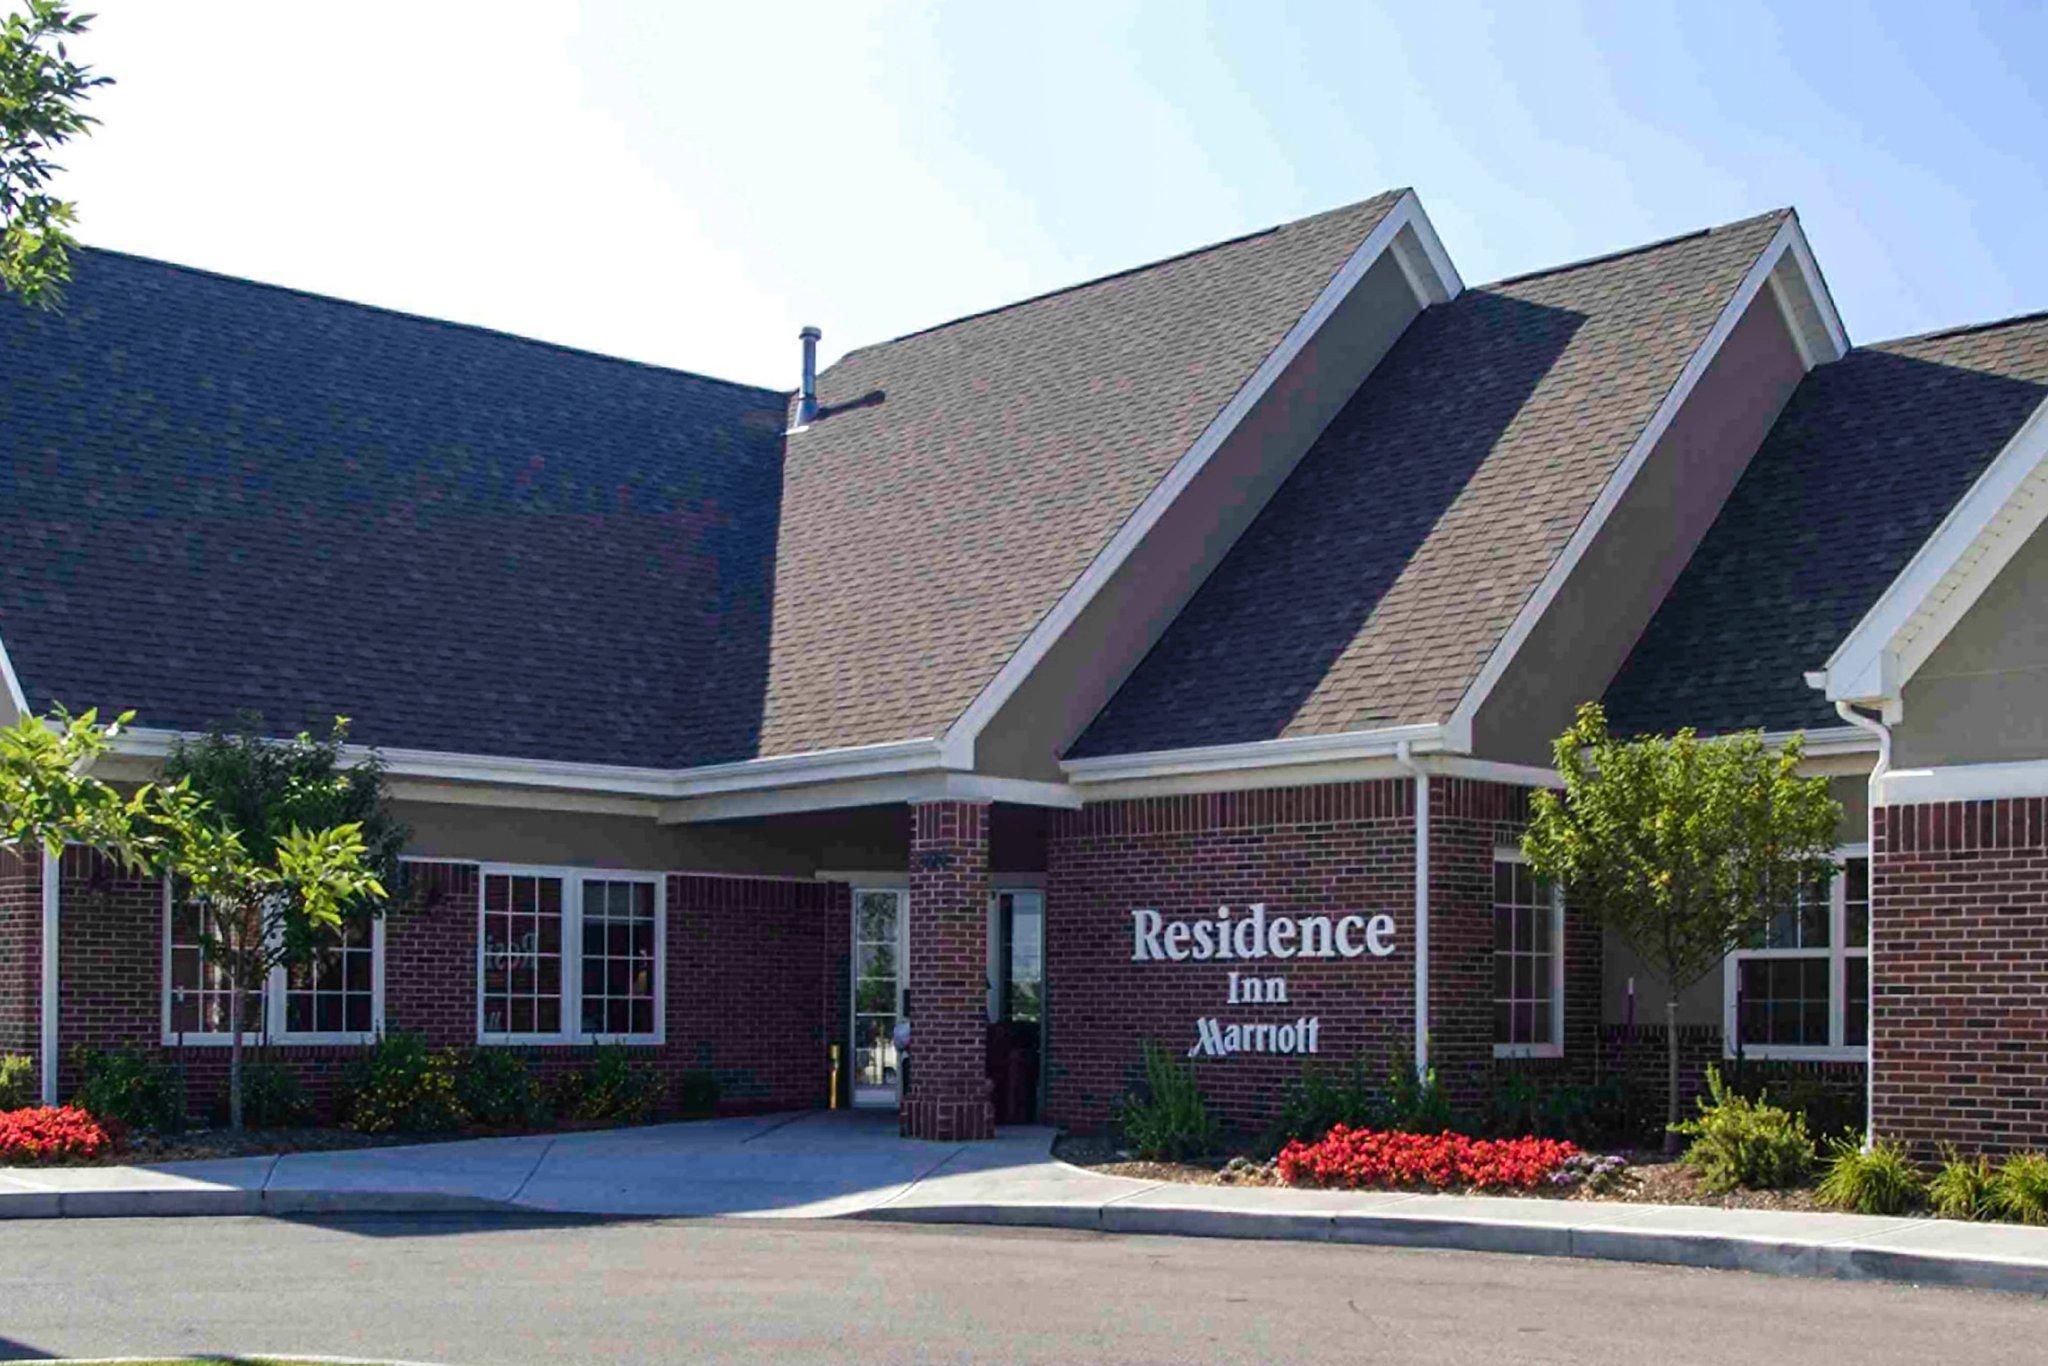 Residence Inn by Marriott Northwest